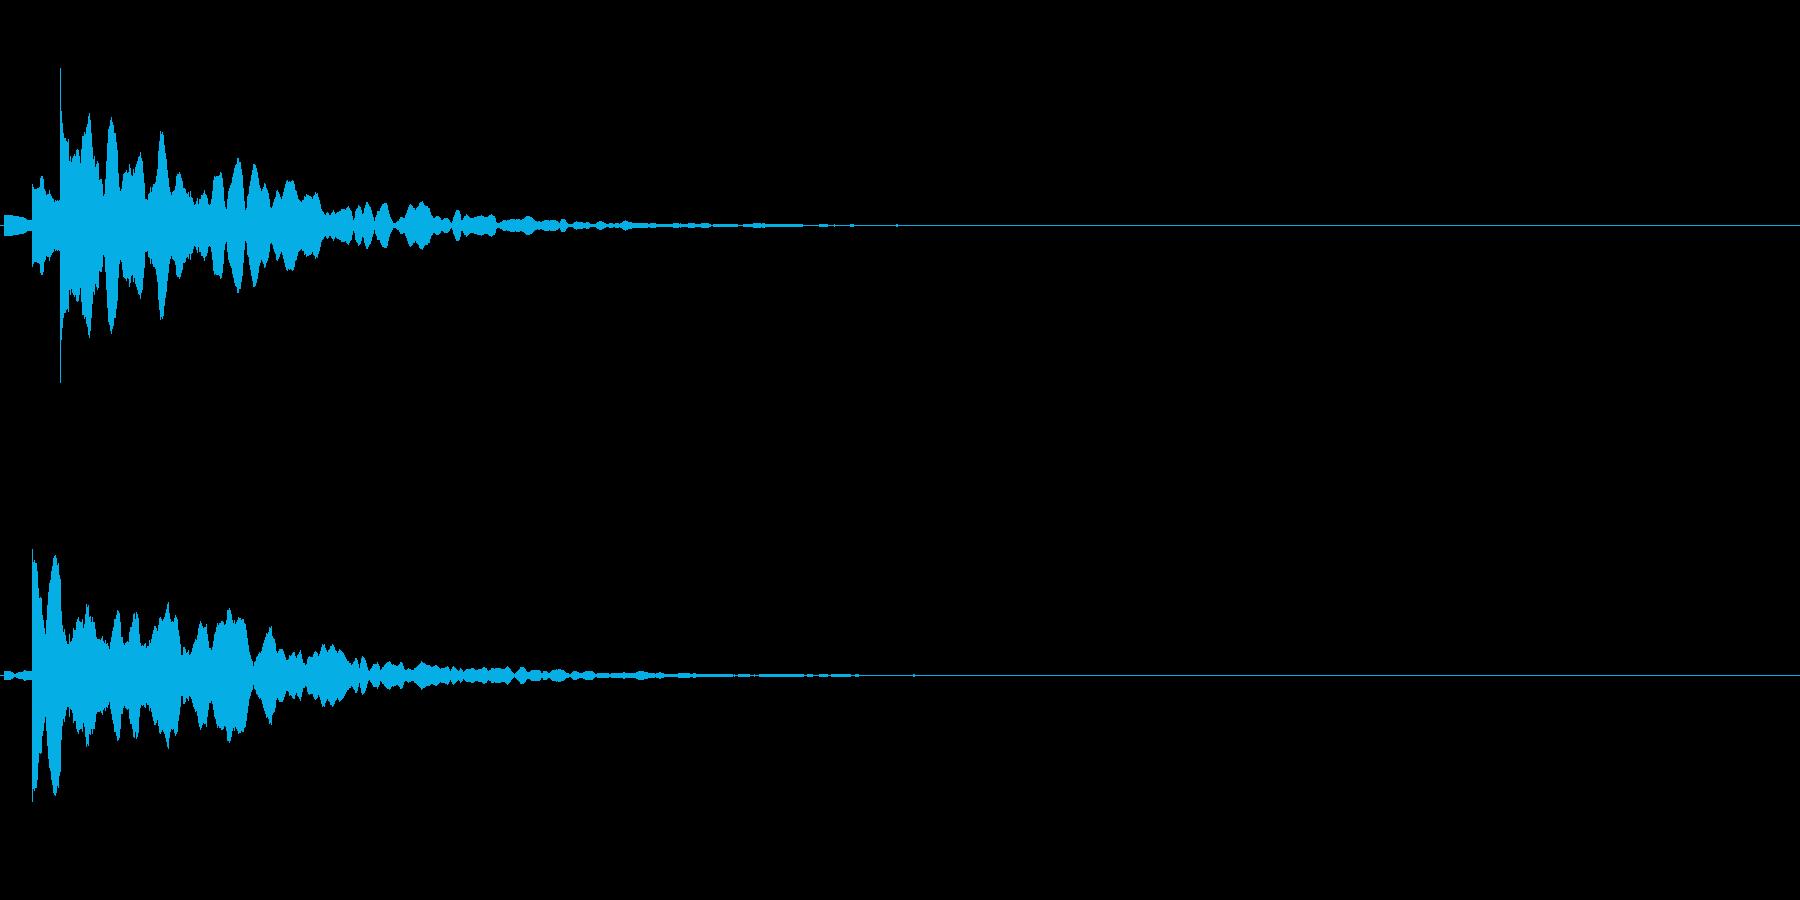 「こちらです」キッカケの音_07の再生済みの波形